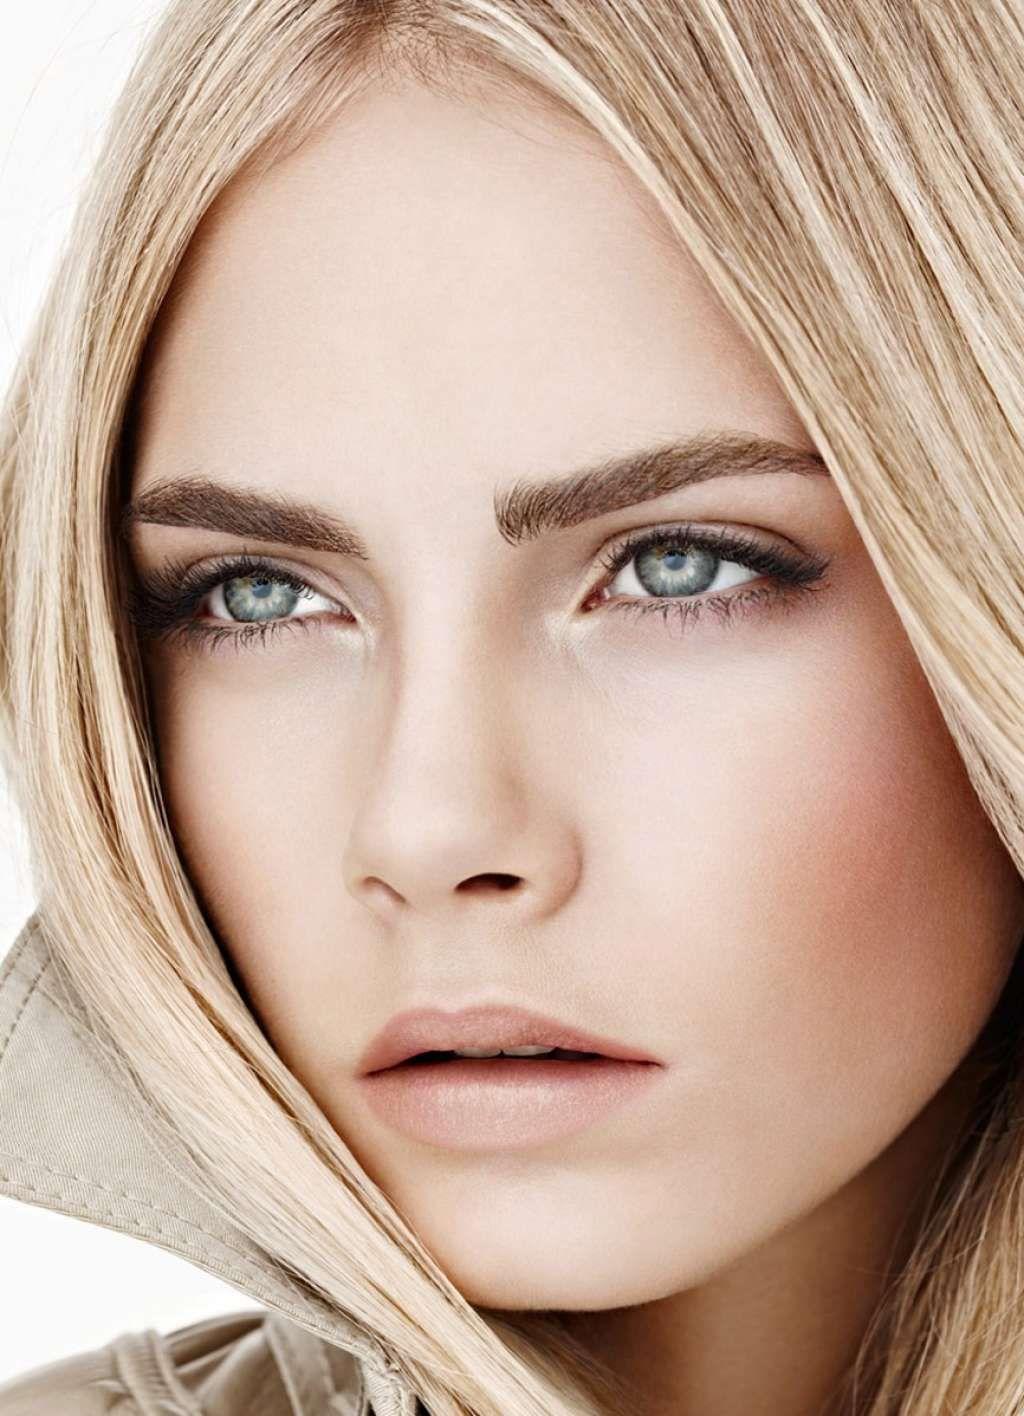 Макияж серых глаз светлых волос фото